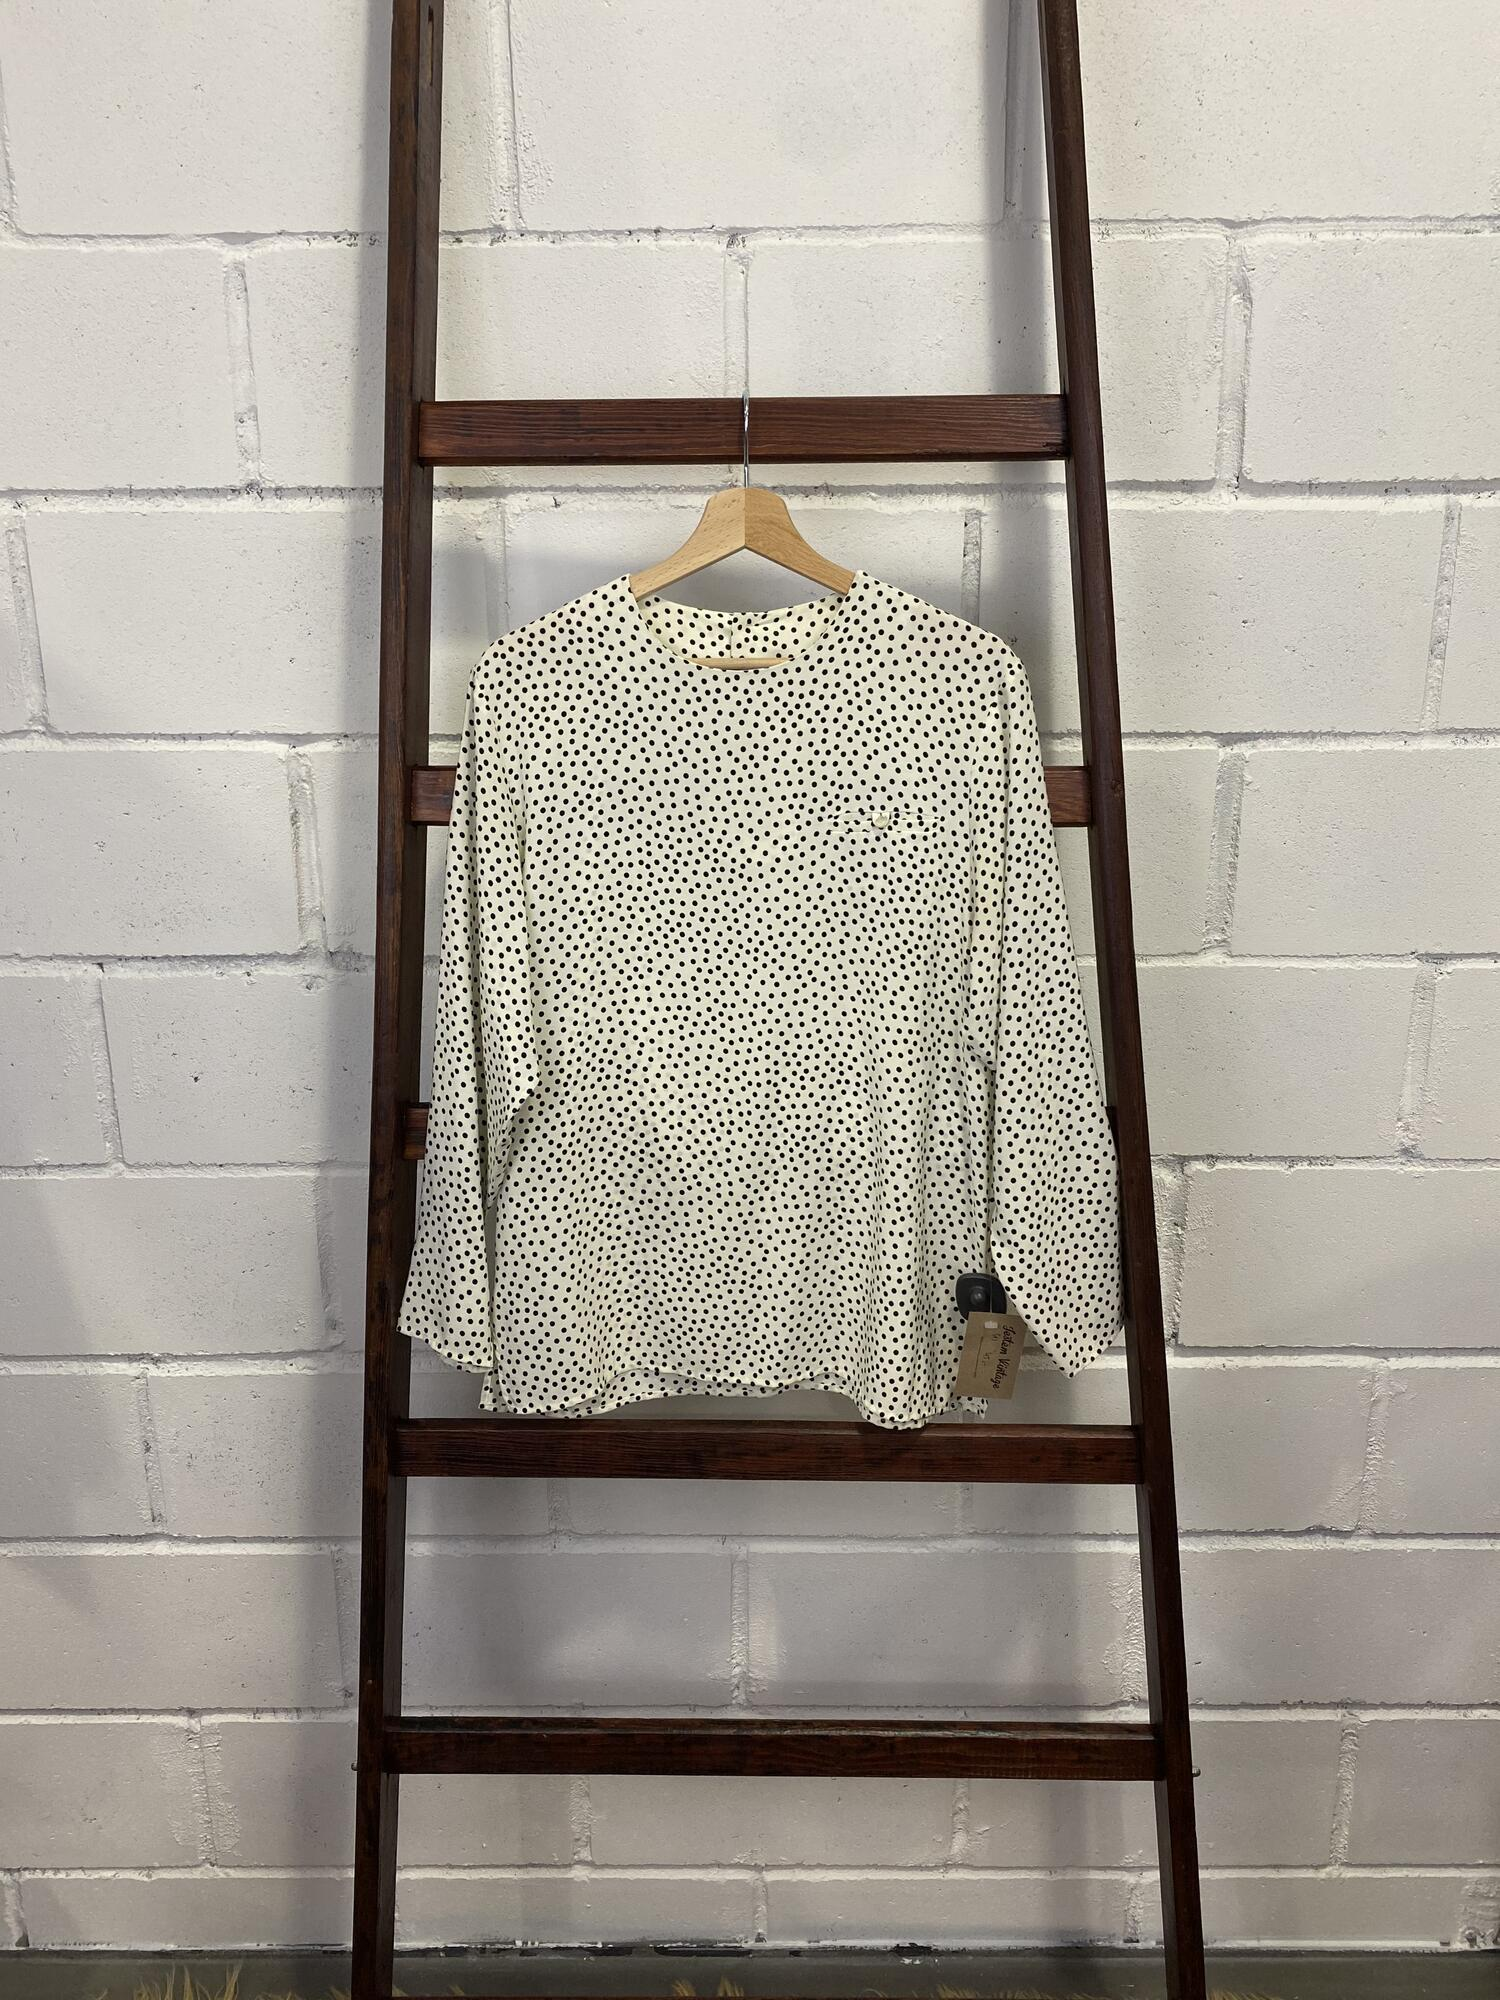 Zwiewna biała koszula w czarne kropki ST MICHAEL - Vintage Store | JestemSlow.pl